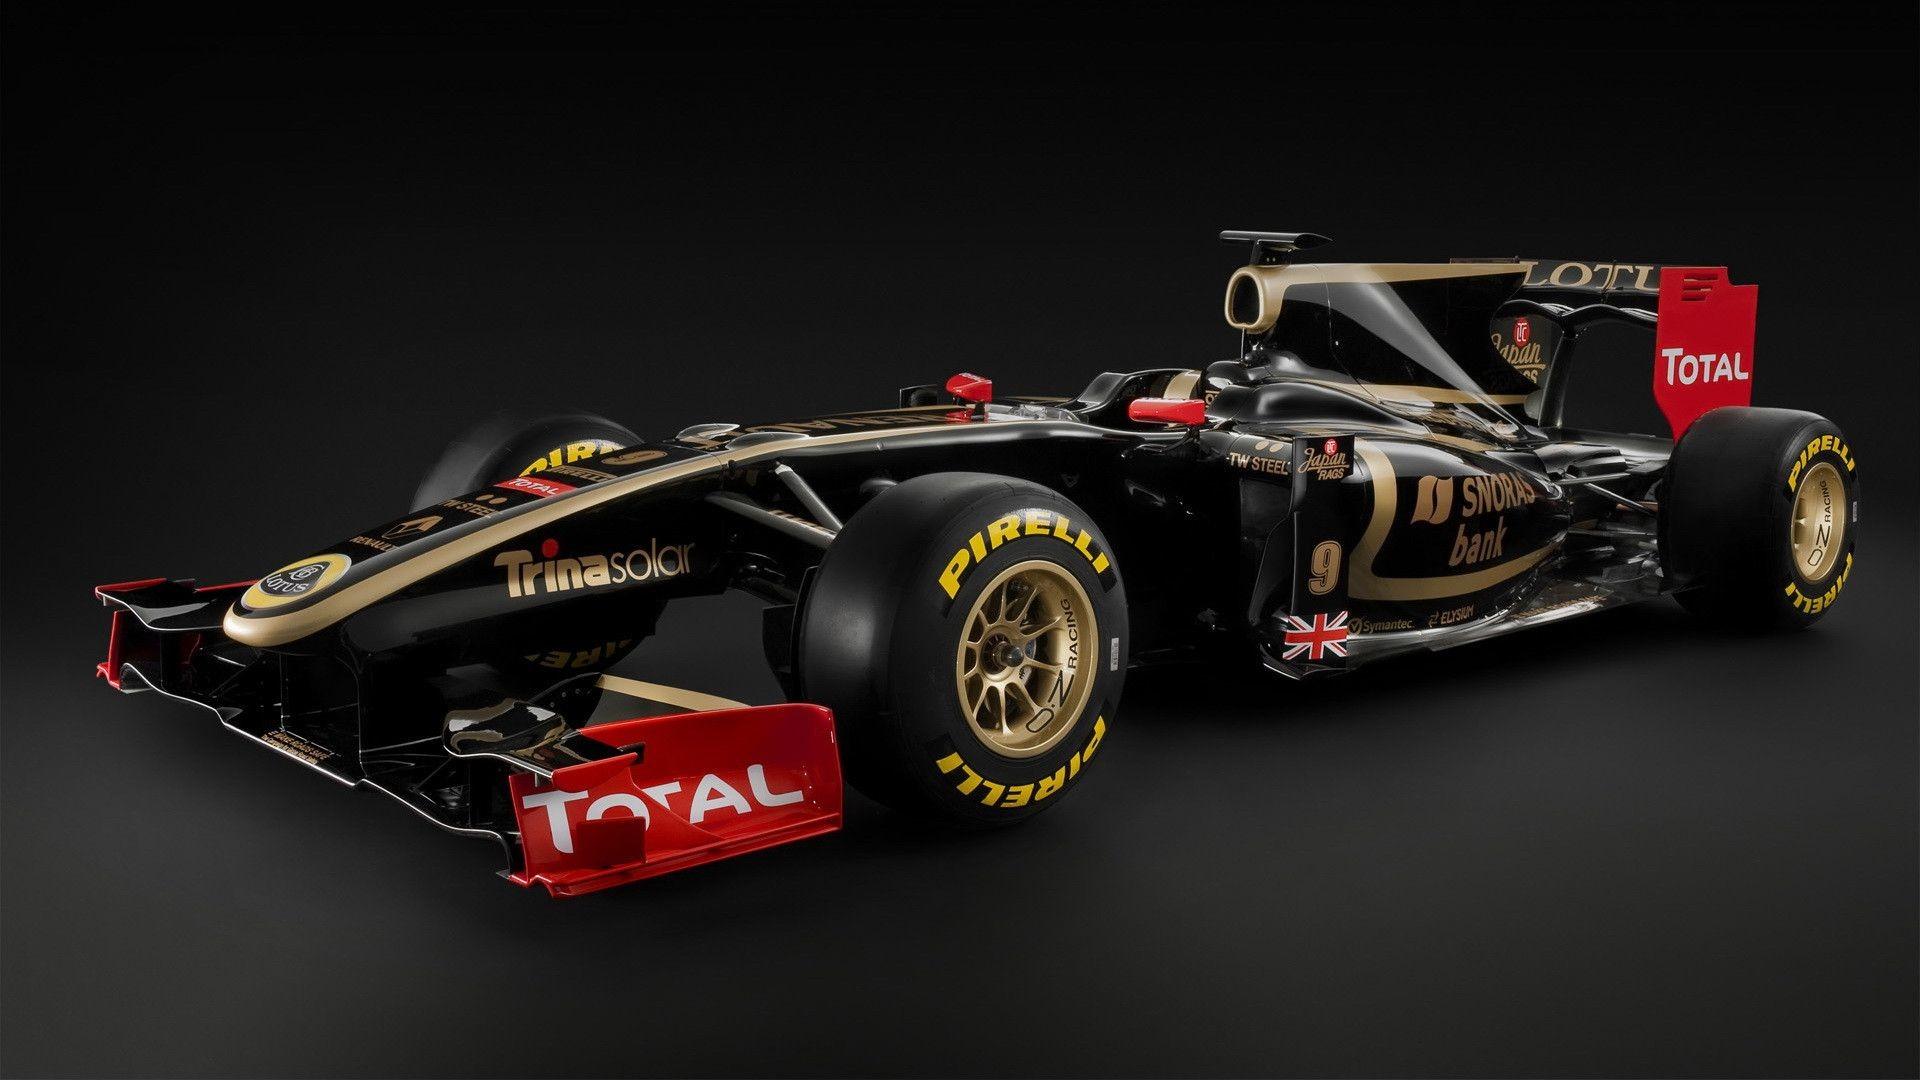 Formula 1 wallpaper hd pixelstalk net. Formula 1 wallpaper hd pixelstalk  net. Download